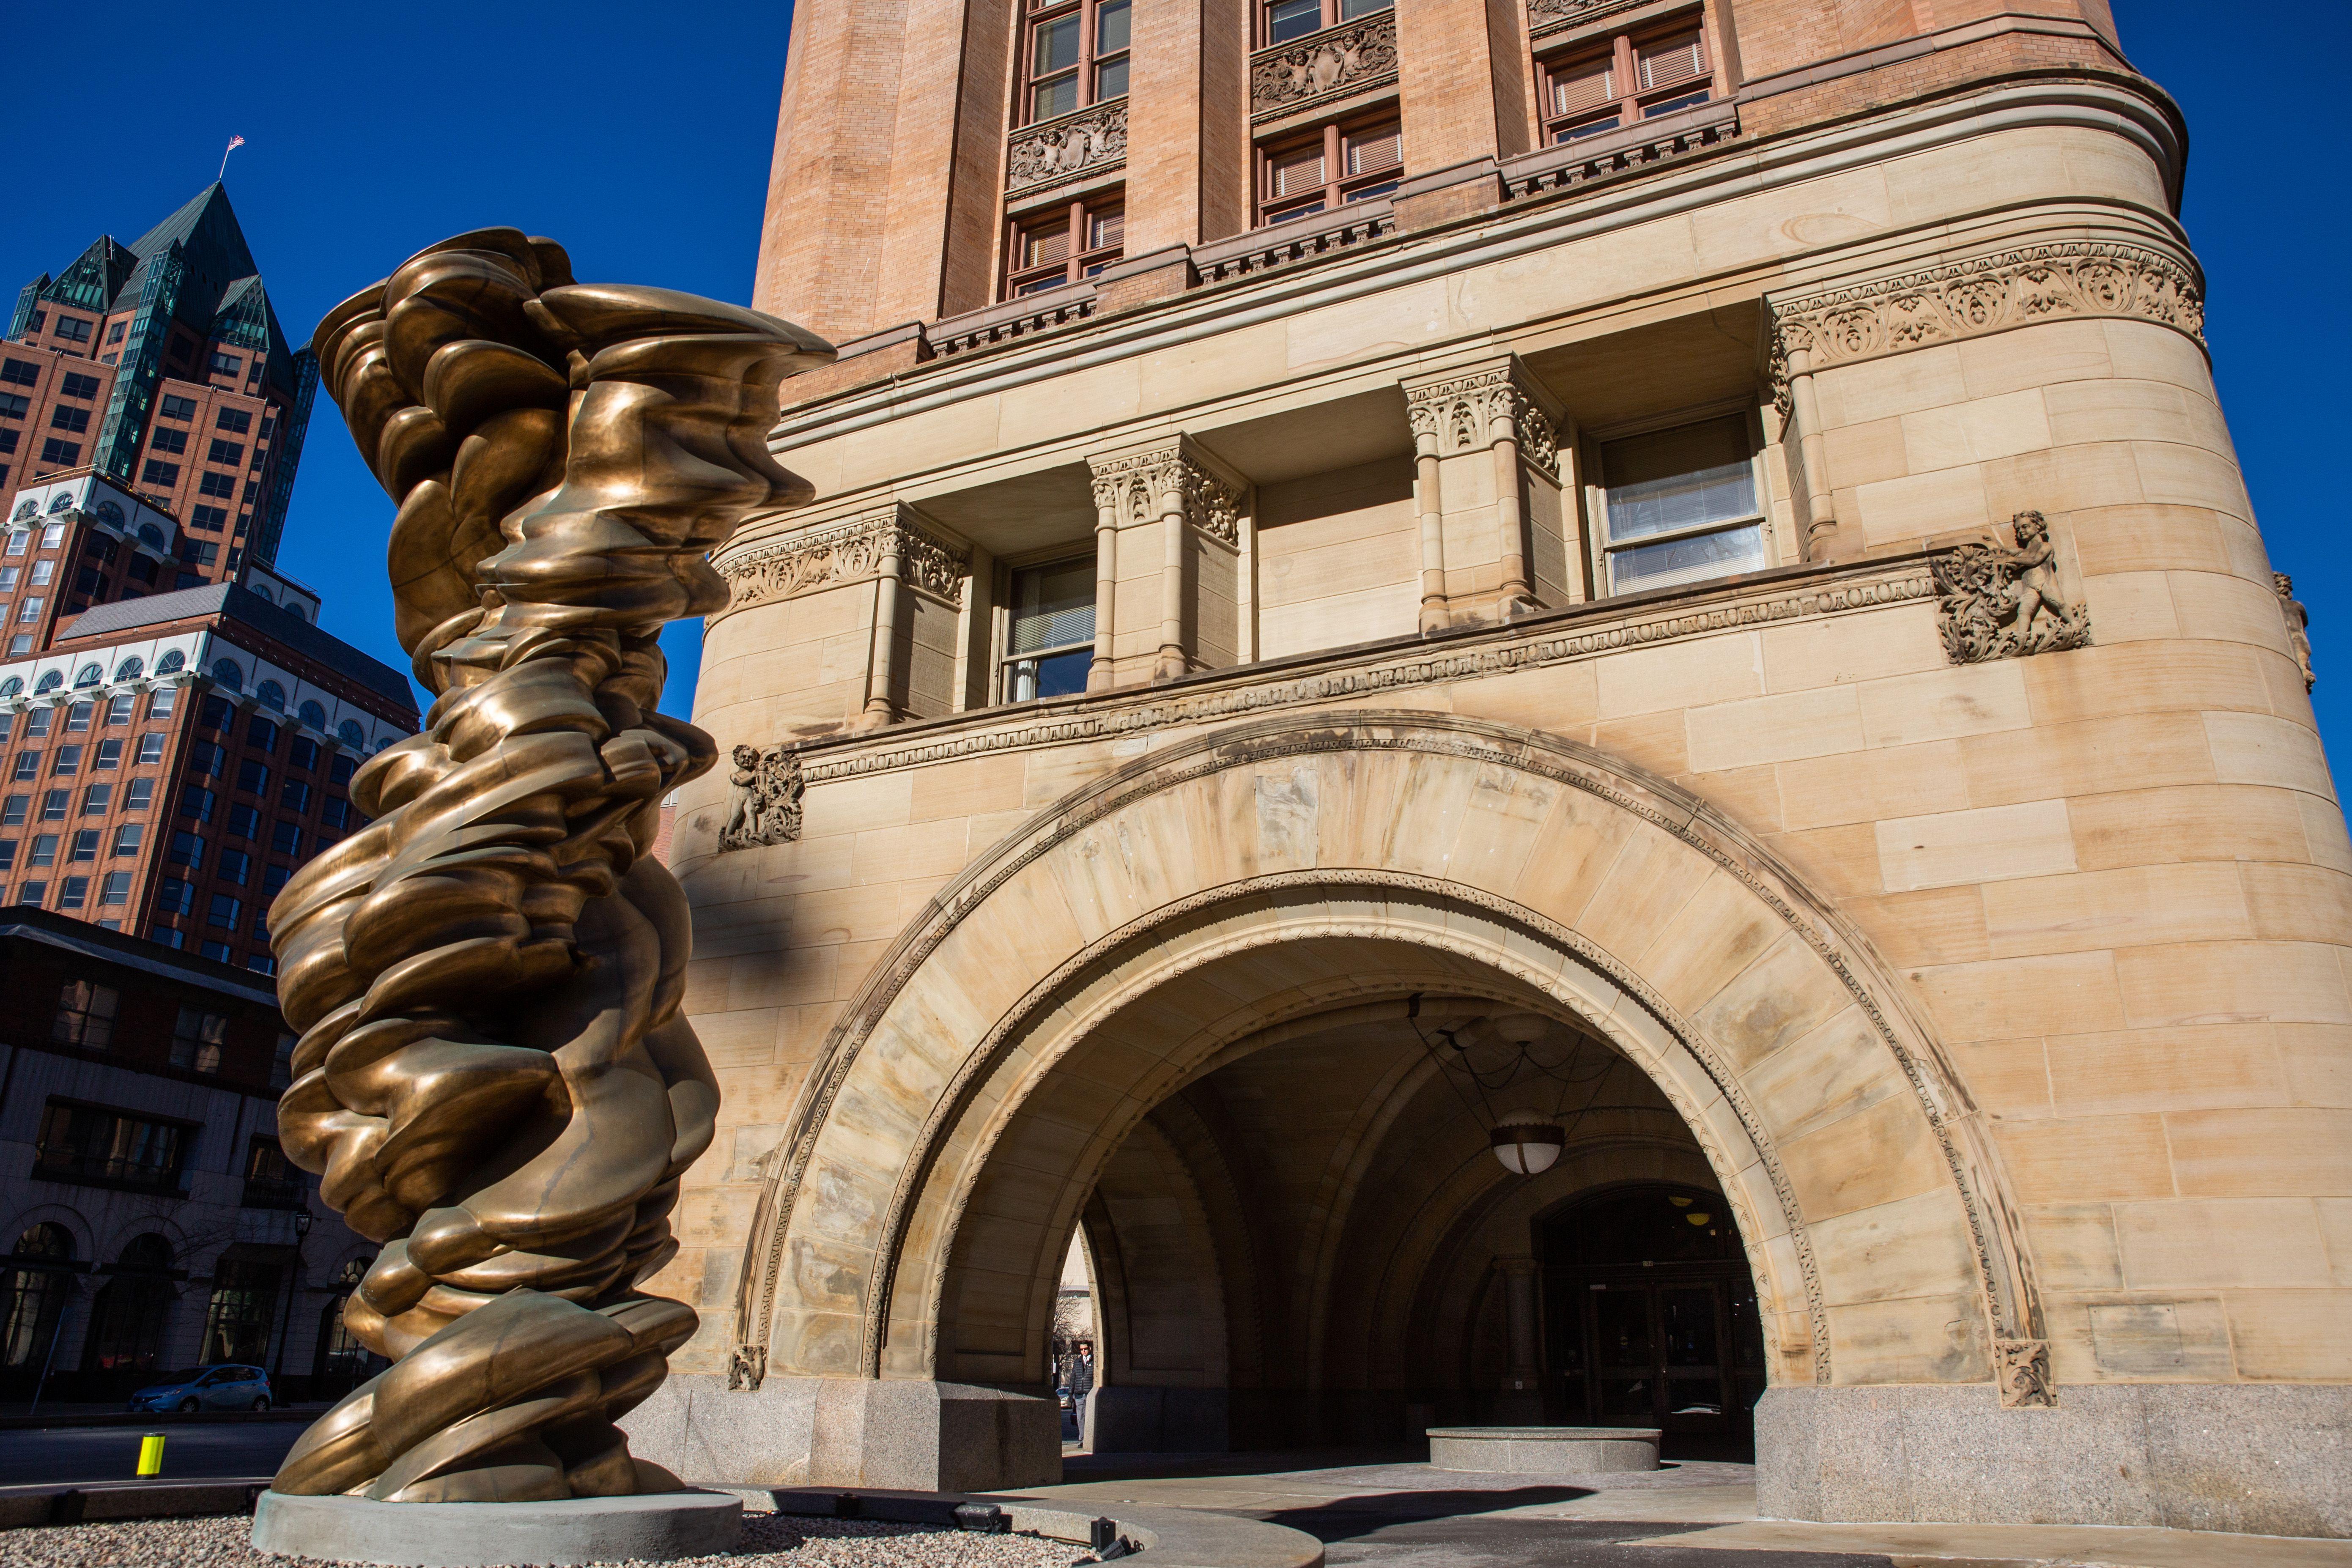 Exterior del ayuntamiento con una estatua pública de bronce en el frente